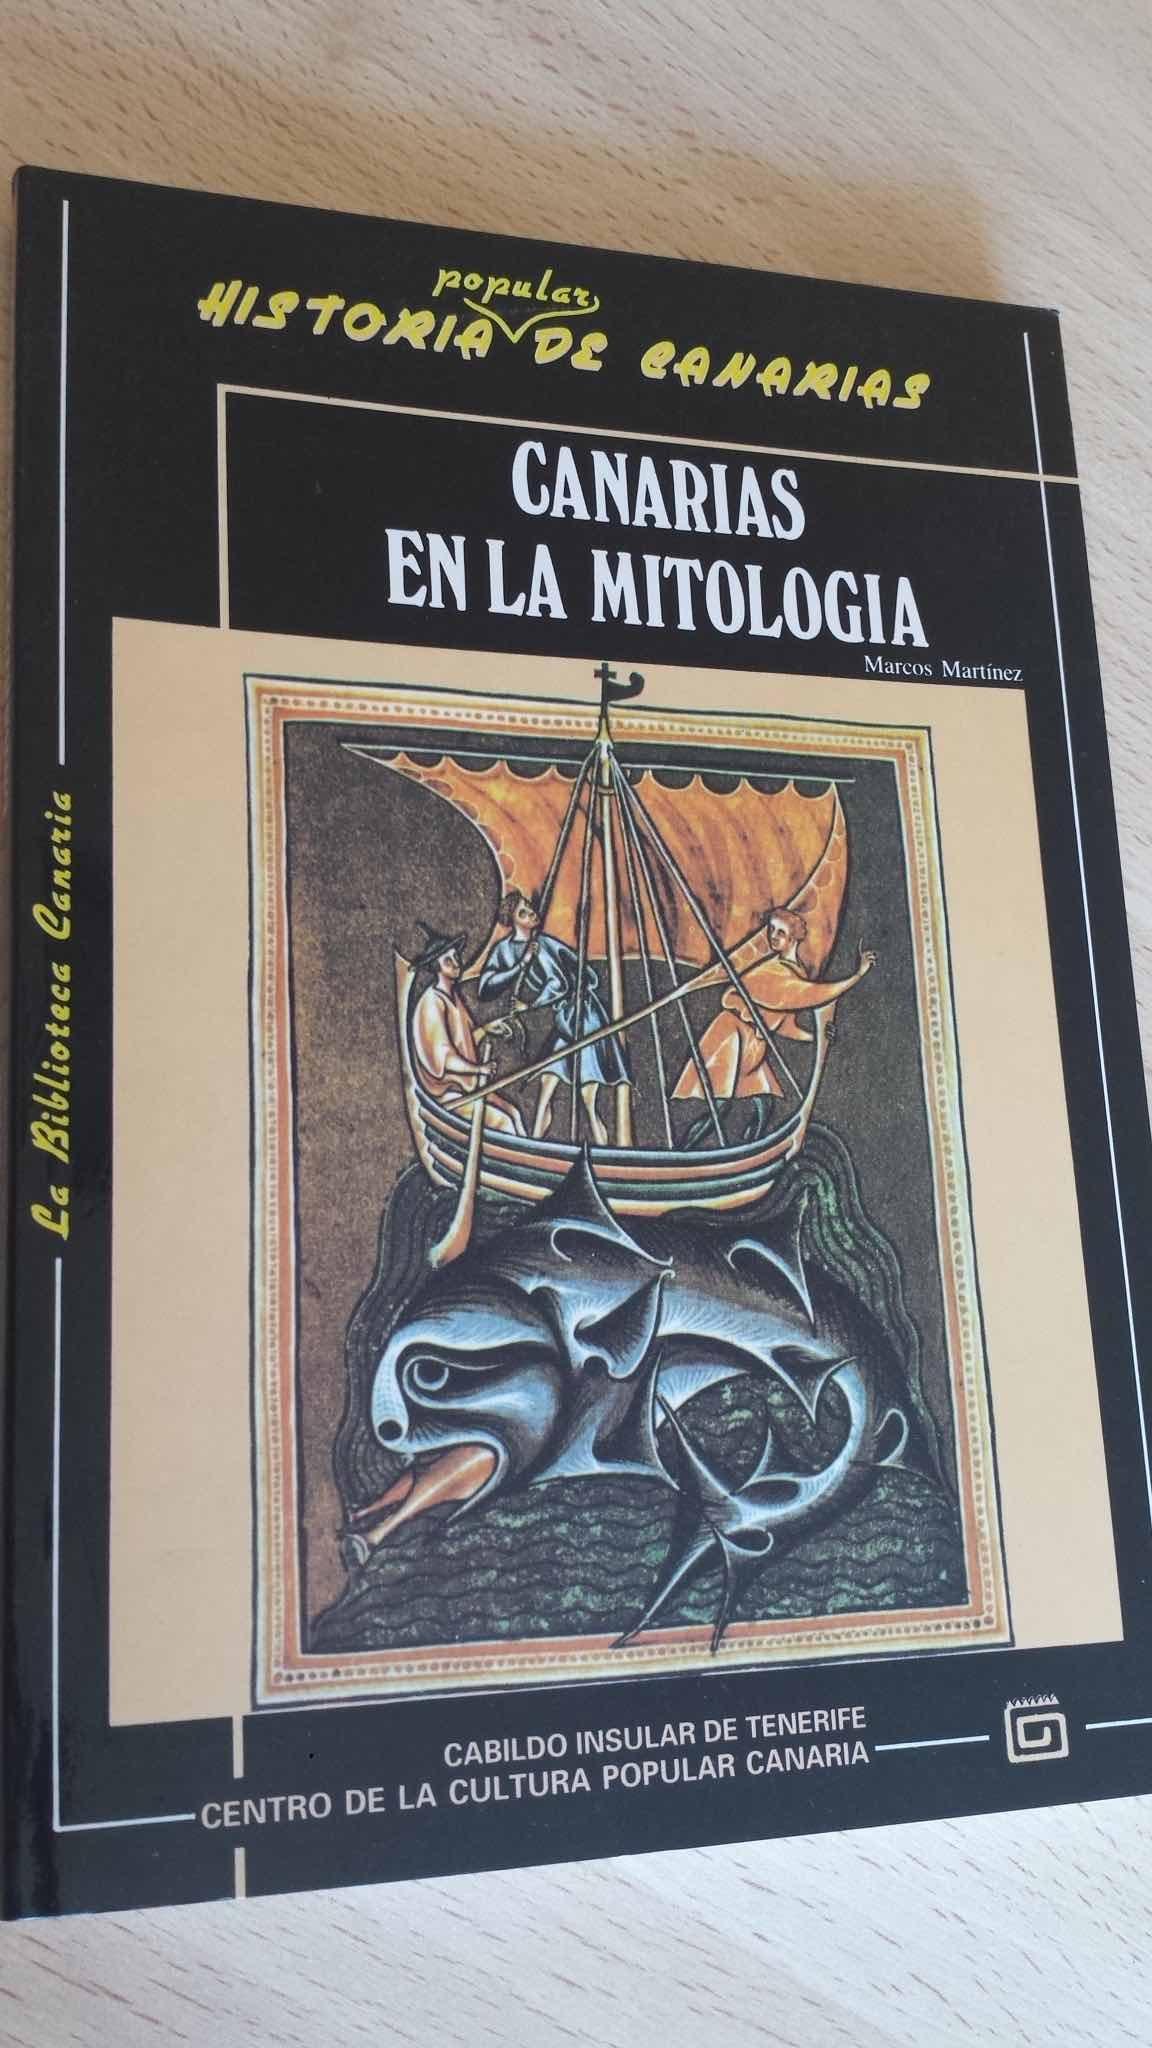 Canarias en la mitologia (historia de Canarias): Amazon.es ...